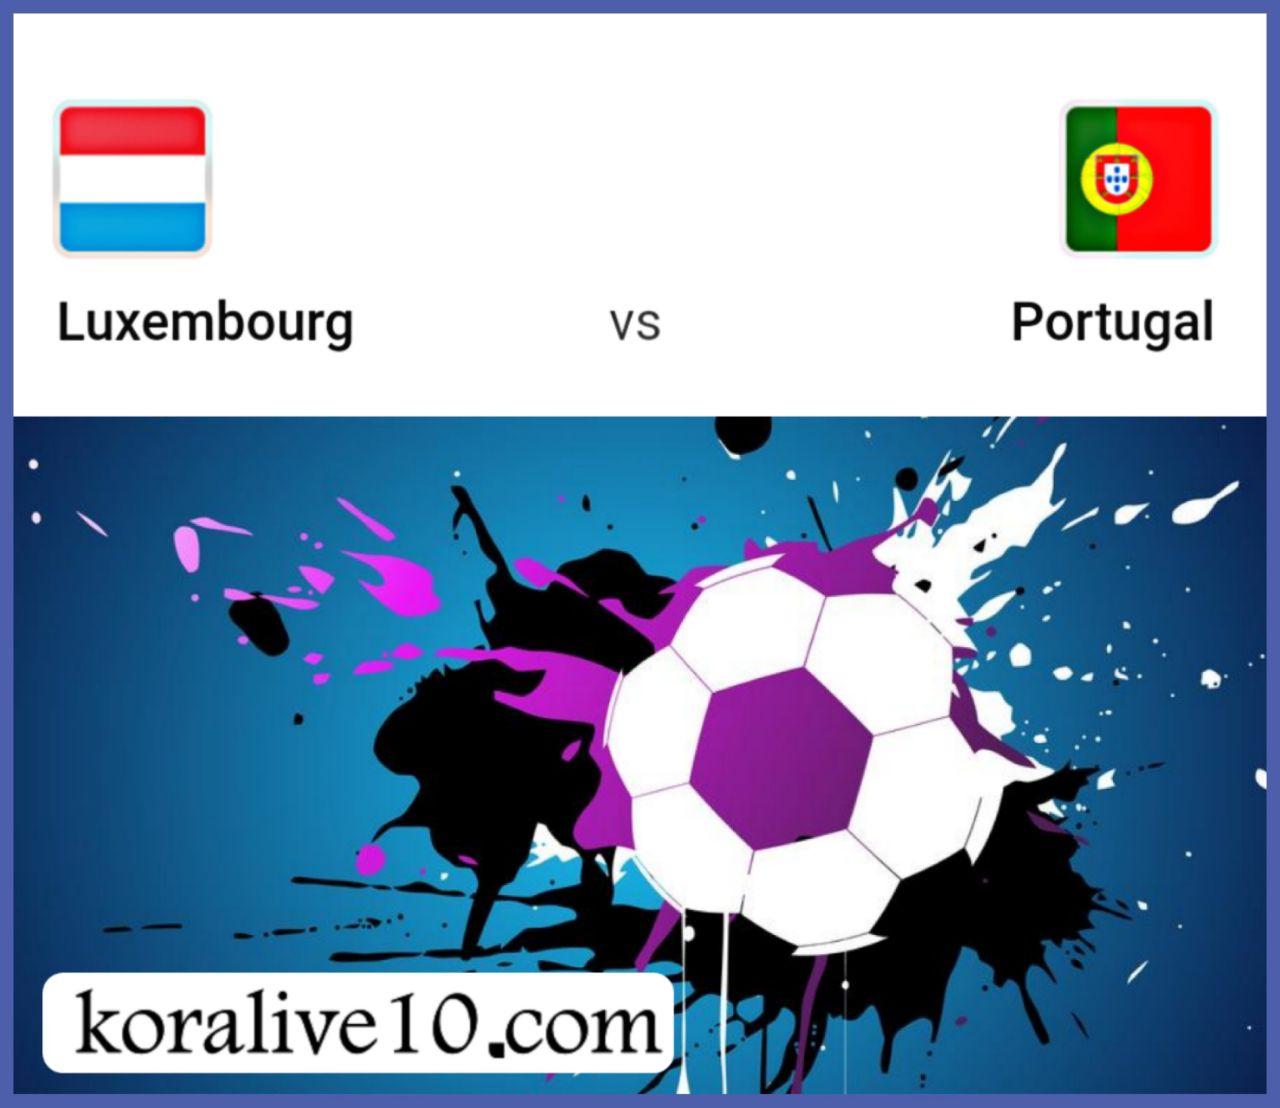 موعد مباراة لوكسمبورج والبرتغال في التصفيات المؤهلة ليورو 2020